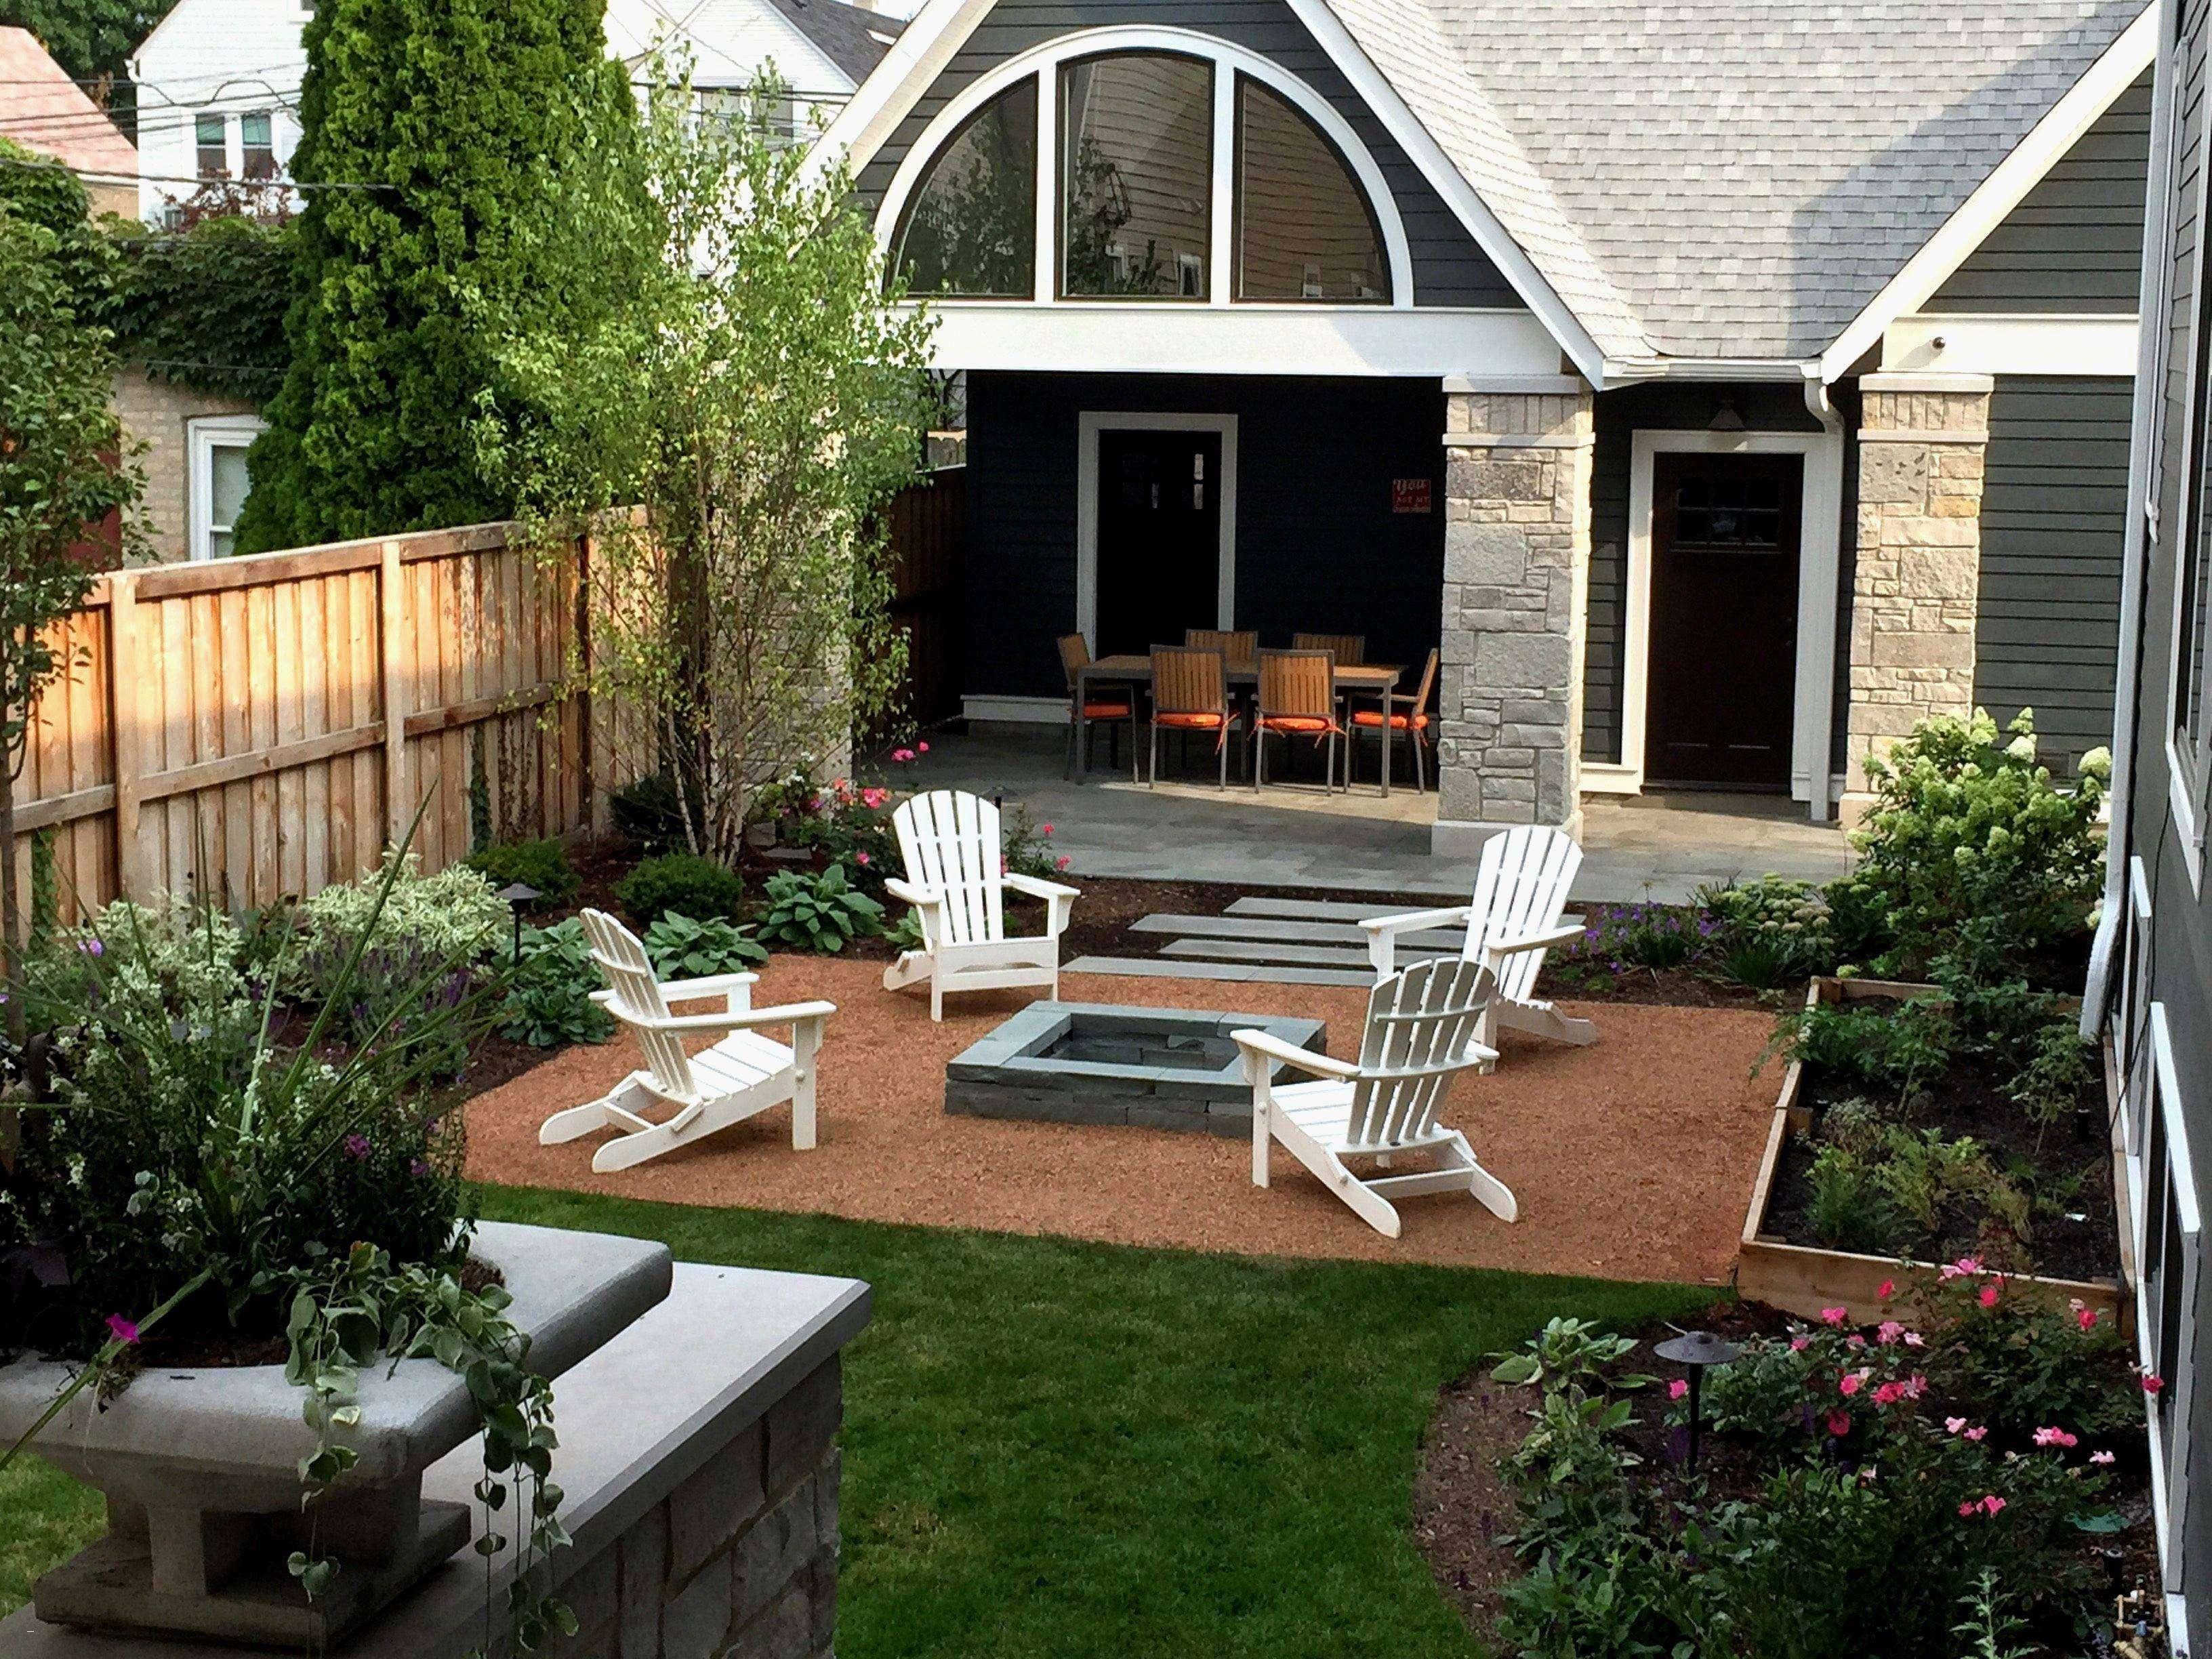 Vorgartengestaltung modern Terrasse hoher Zaun